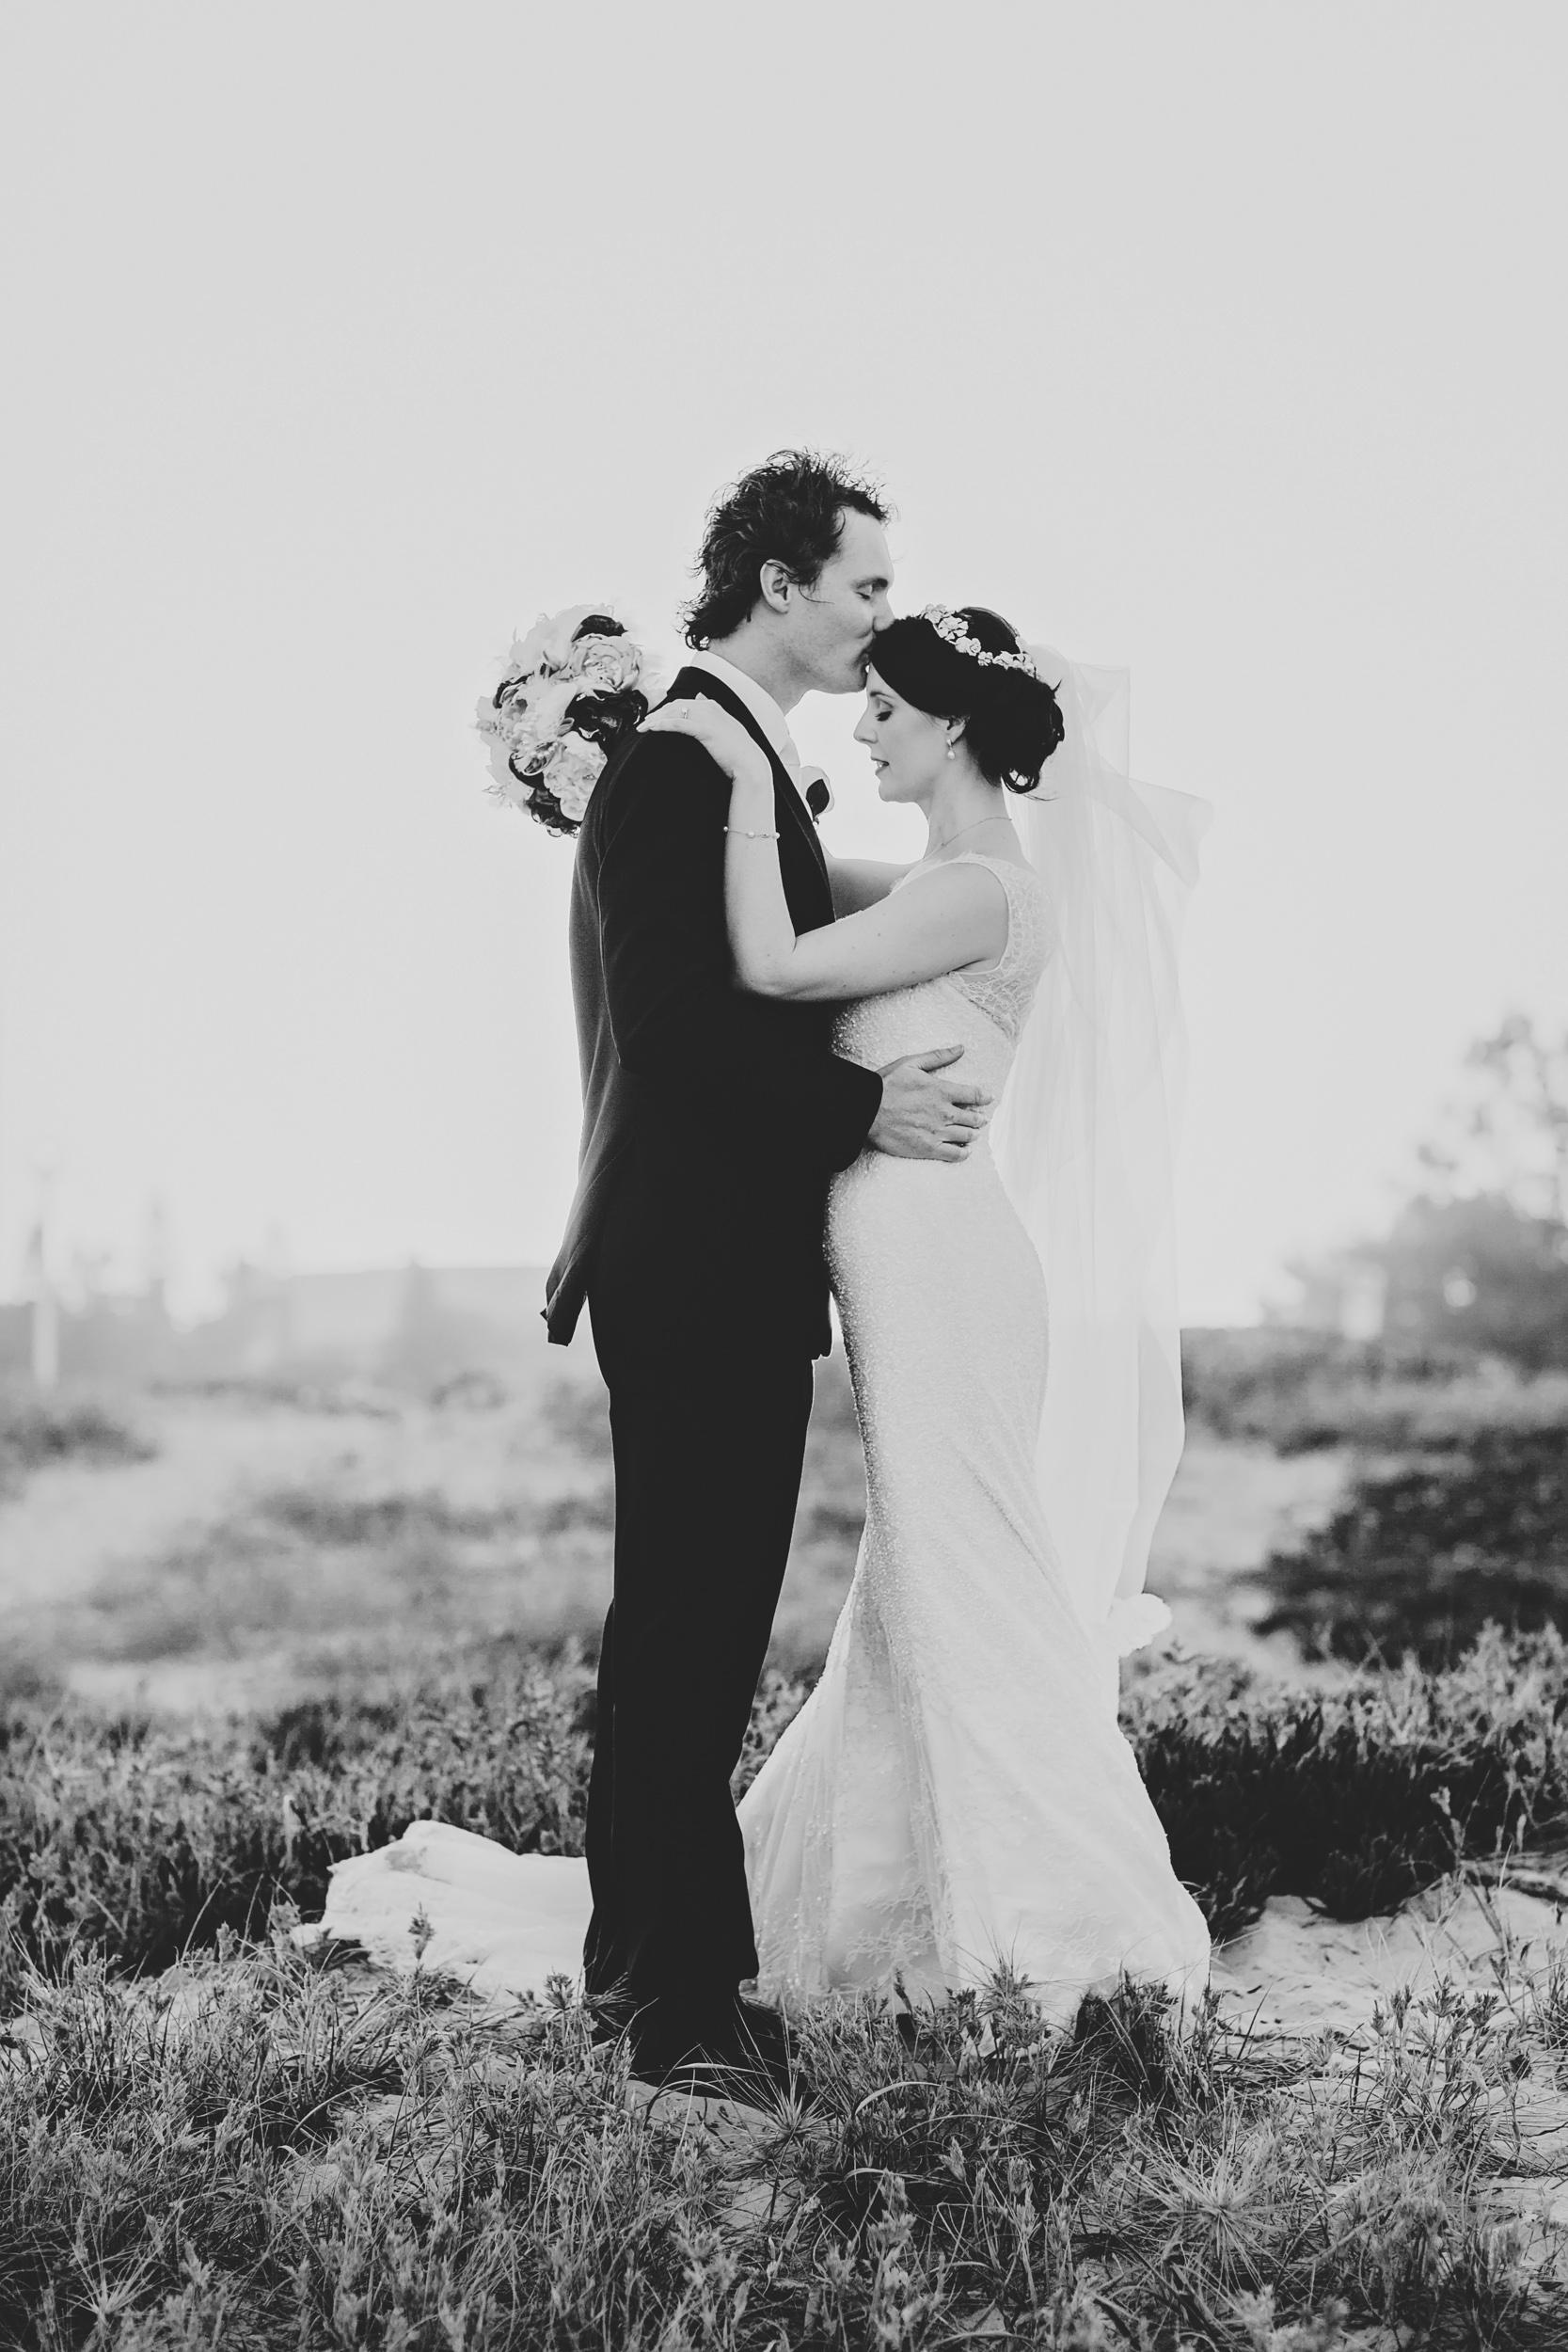 WeddingPhotos_Michelle_Steven_LowResolution-1458.jpg